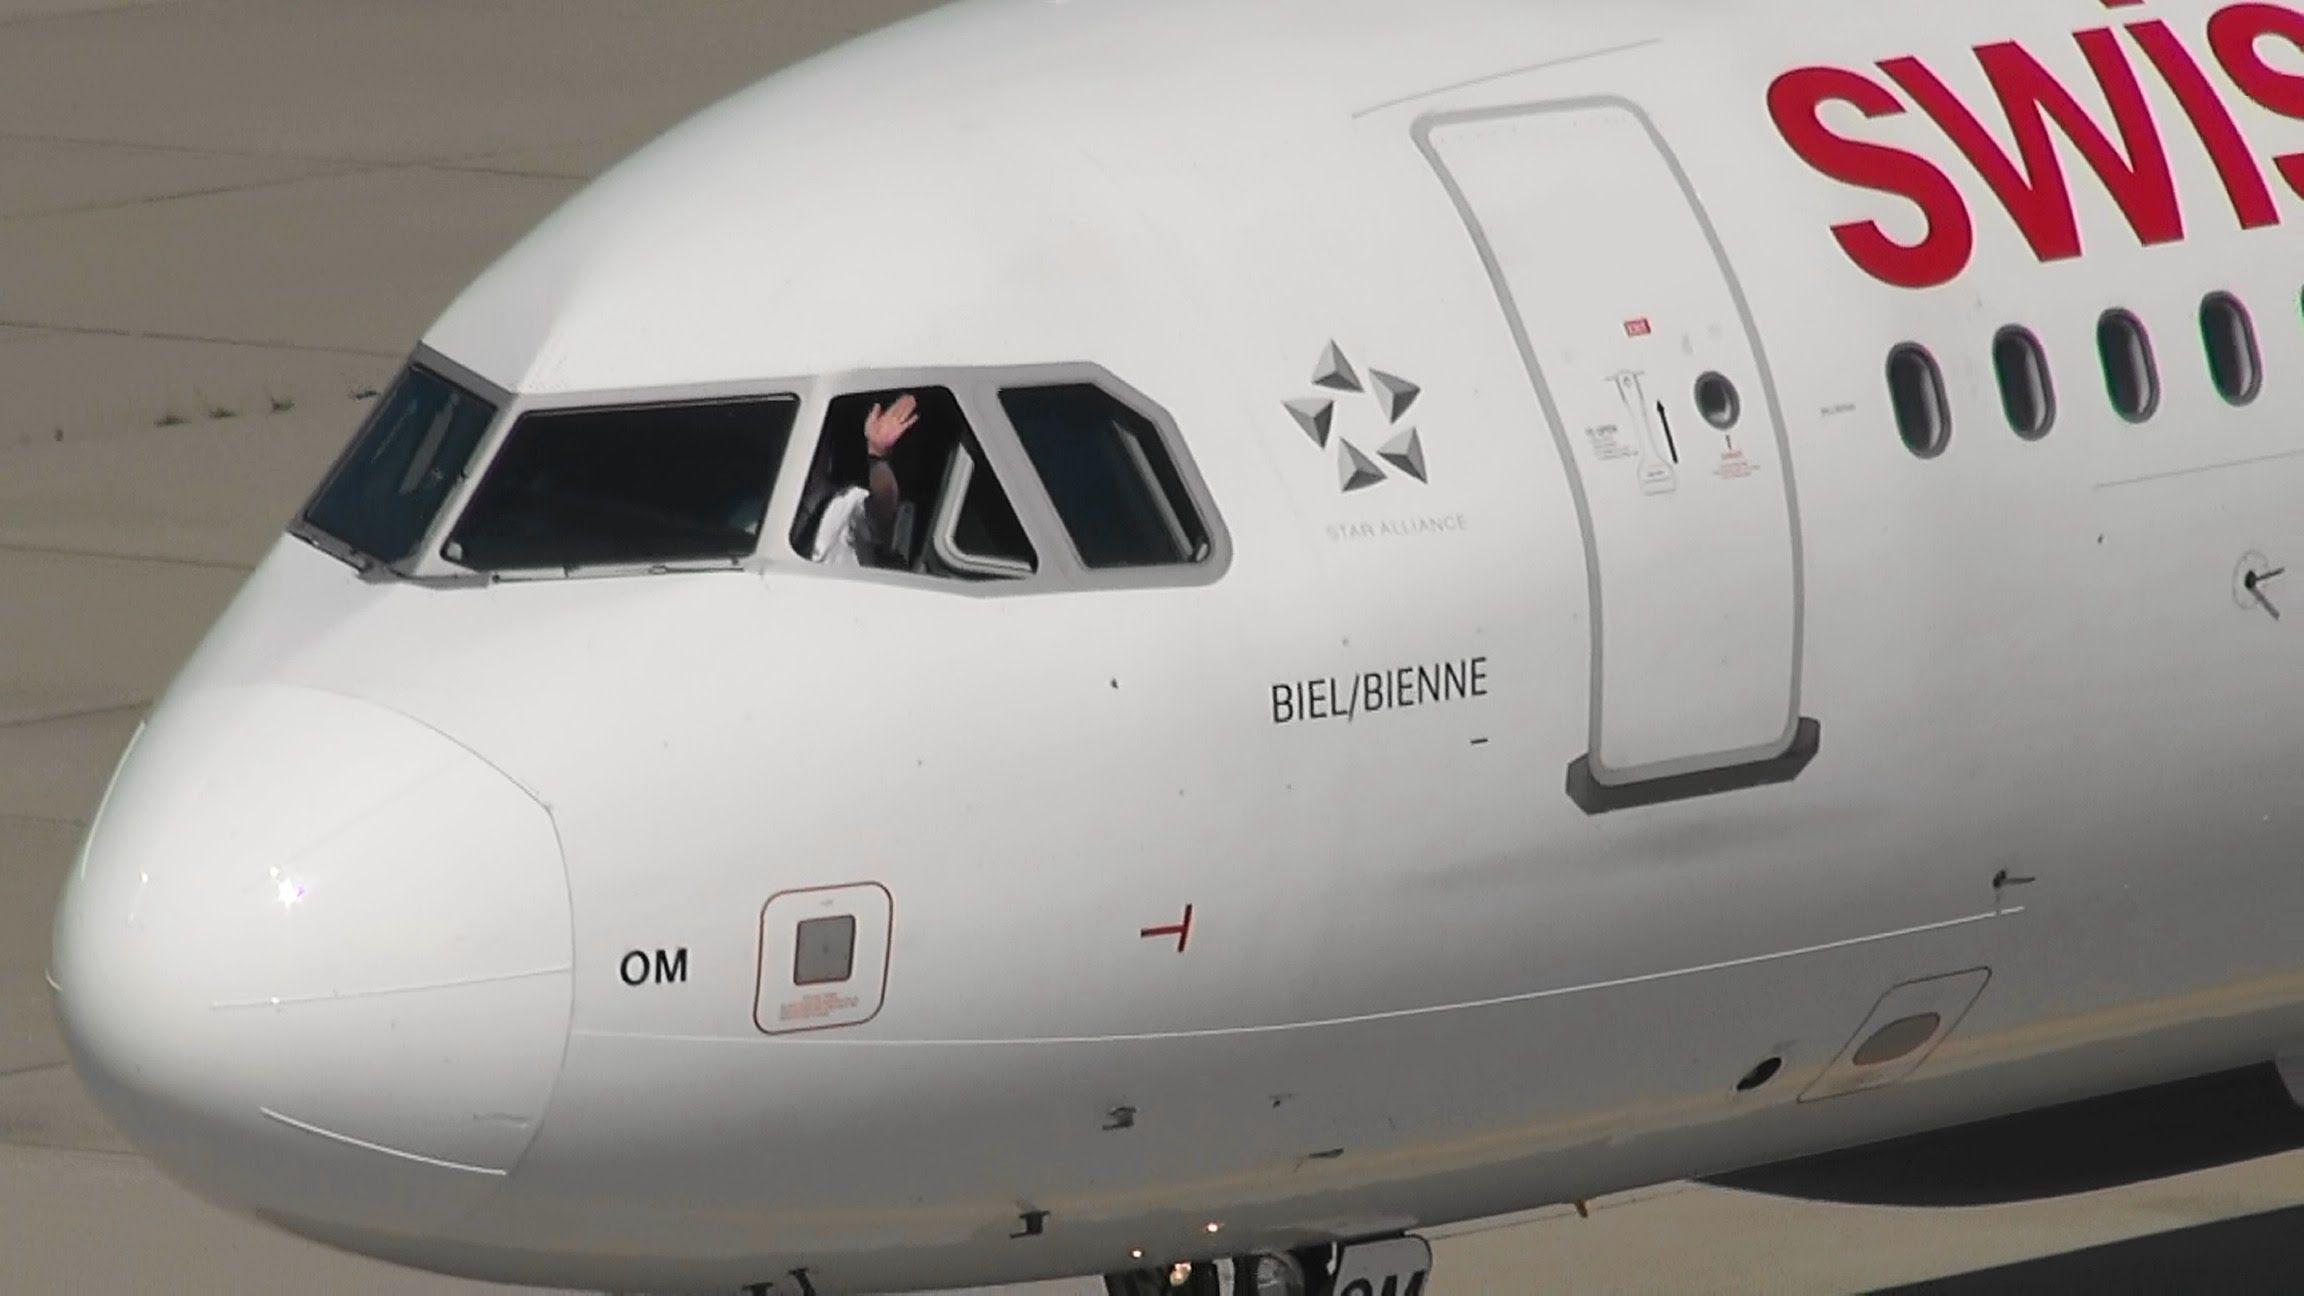 Flughafen Zürich Airport ZRH 2014 07 16 Passenger